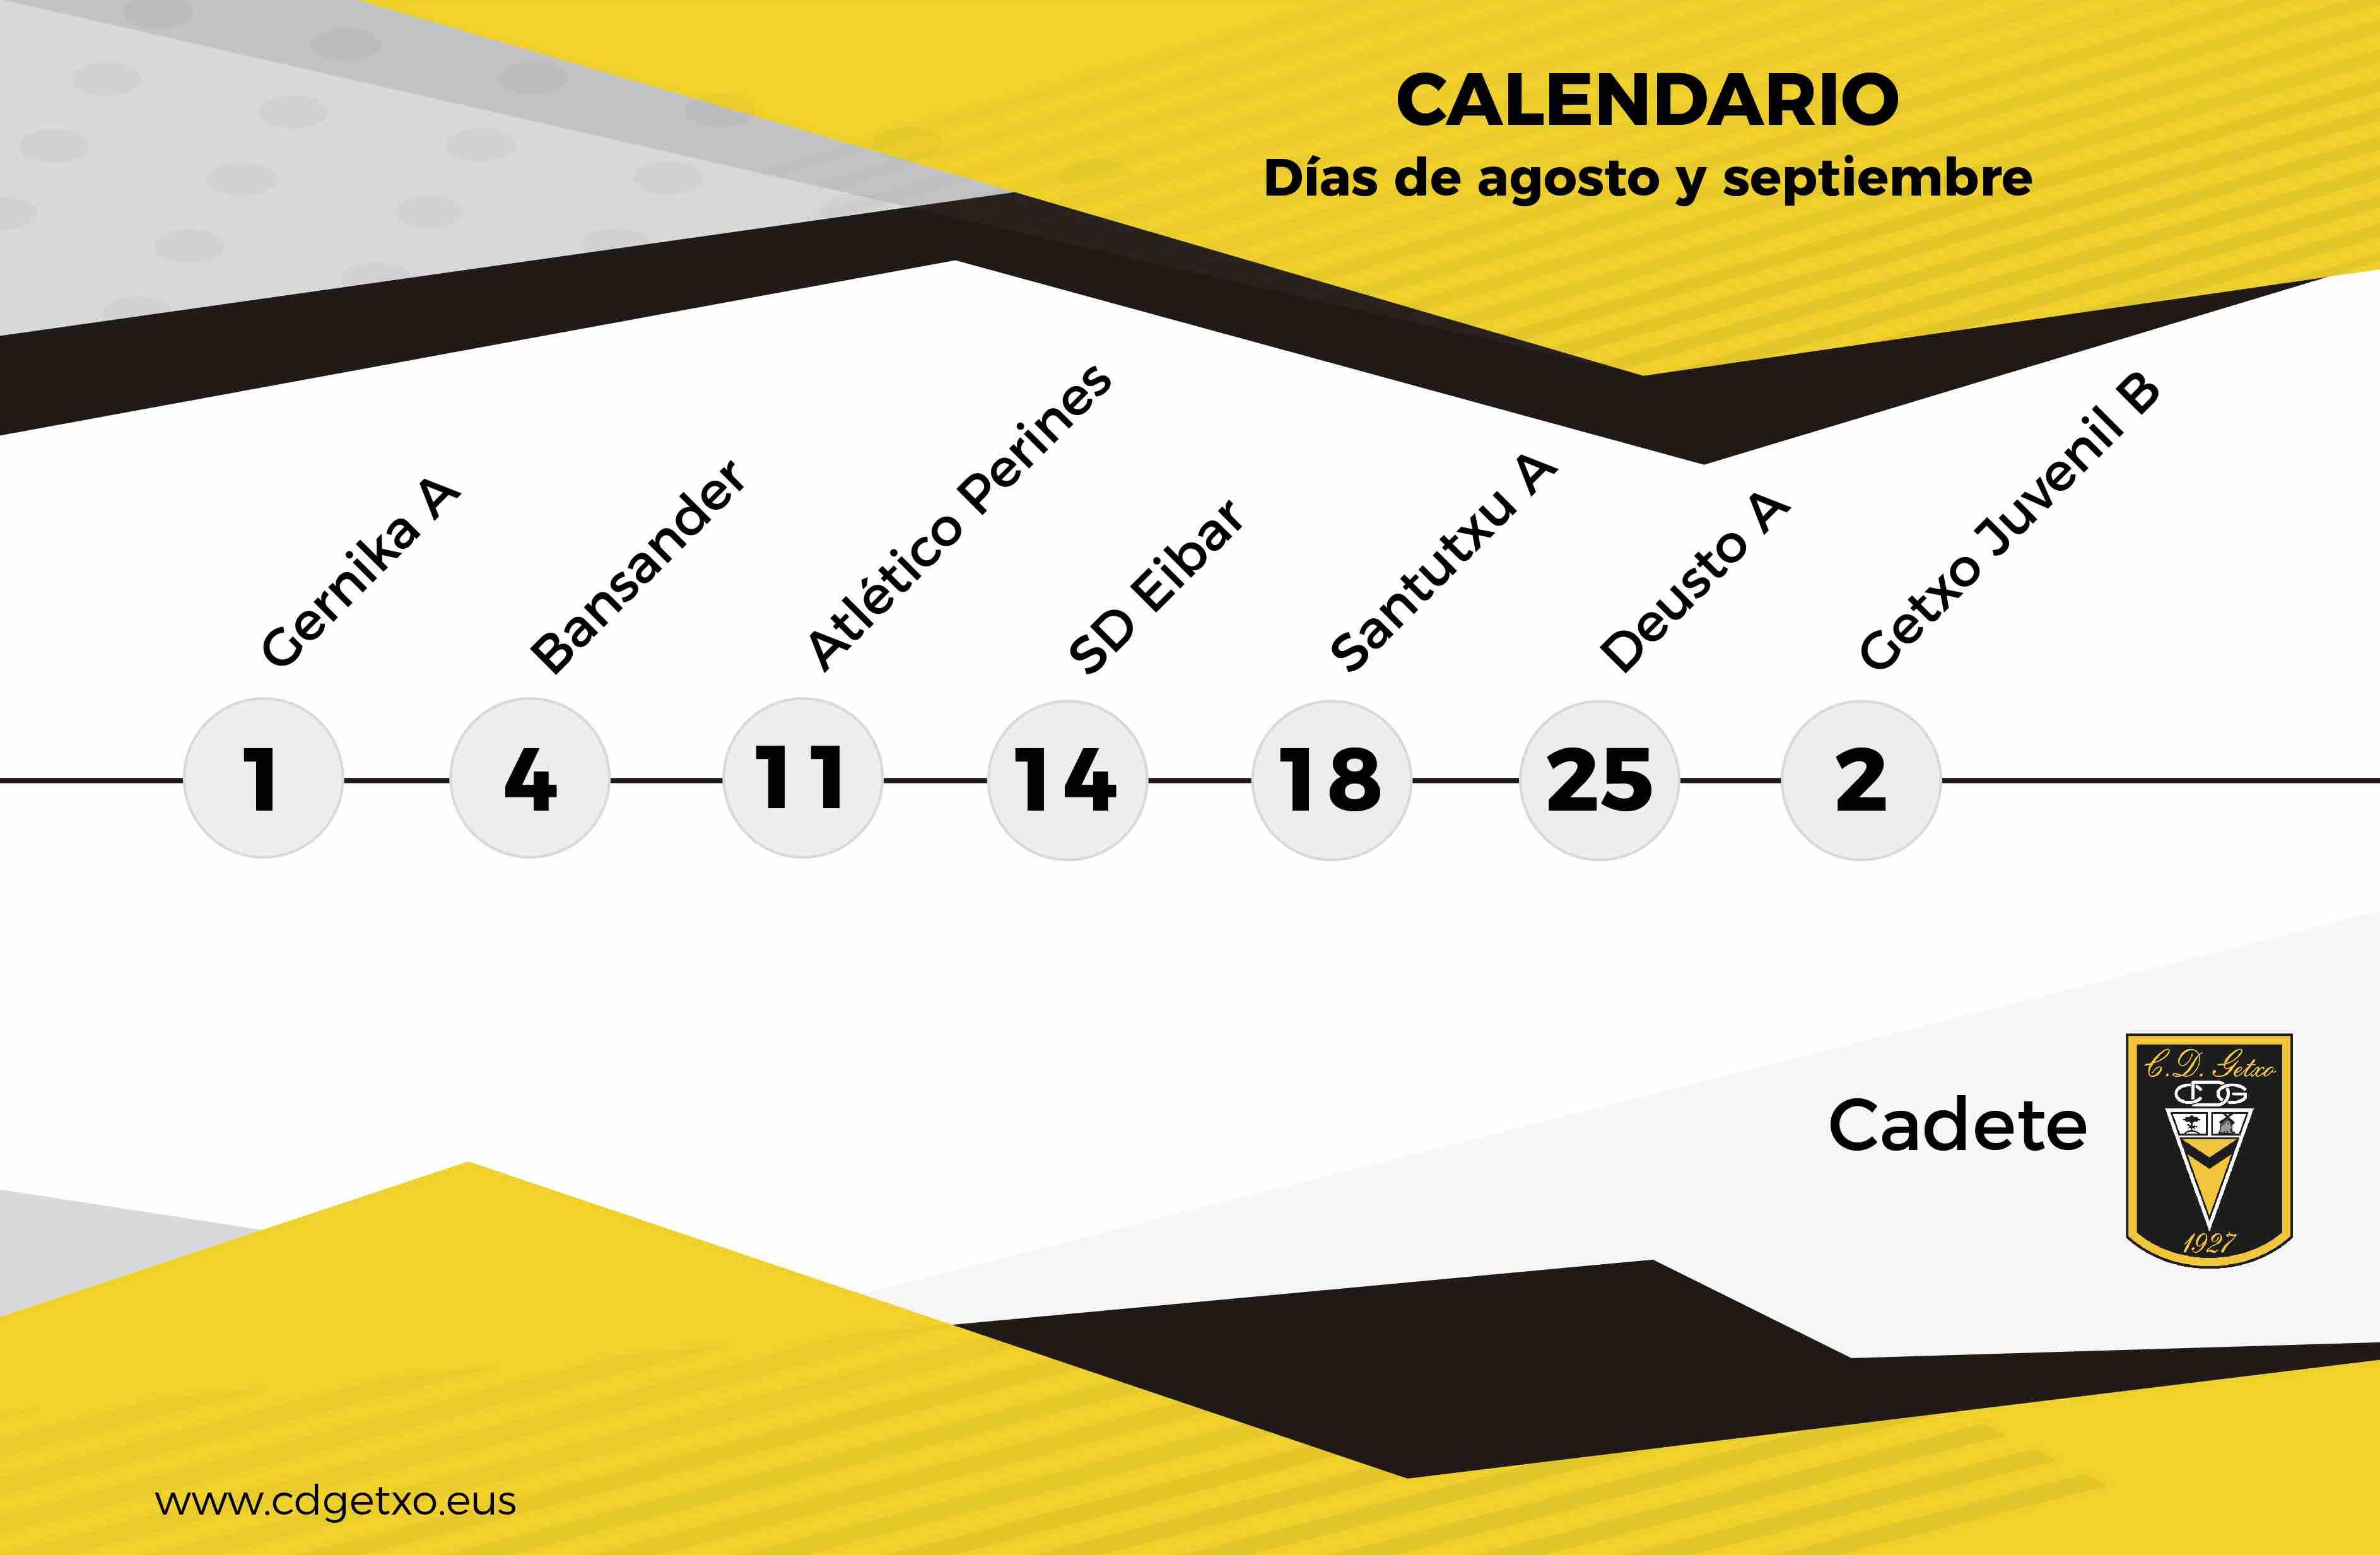 Calendario Deusto.Calendario Verano Cadete